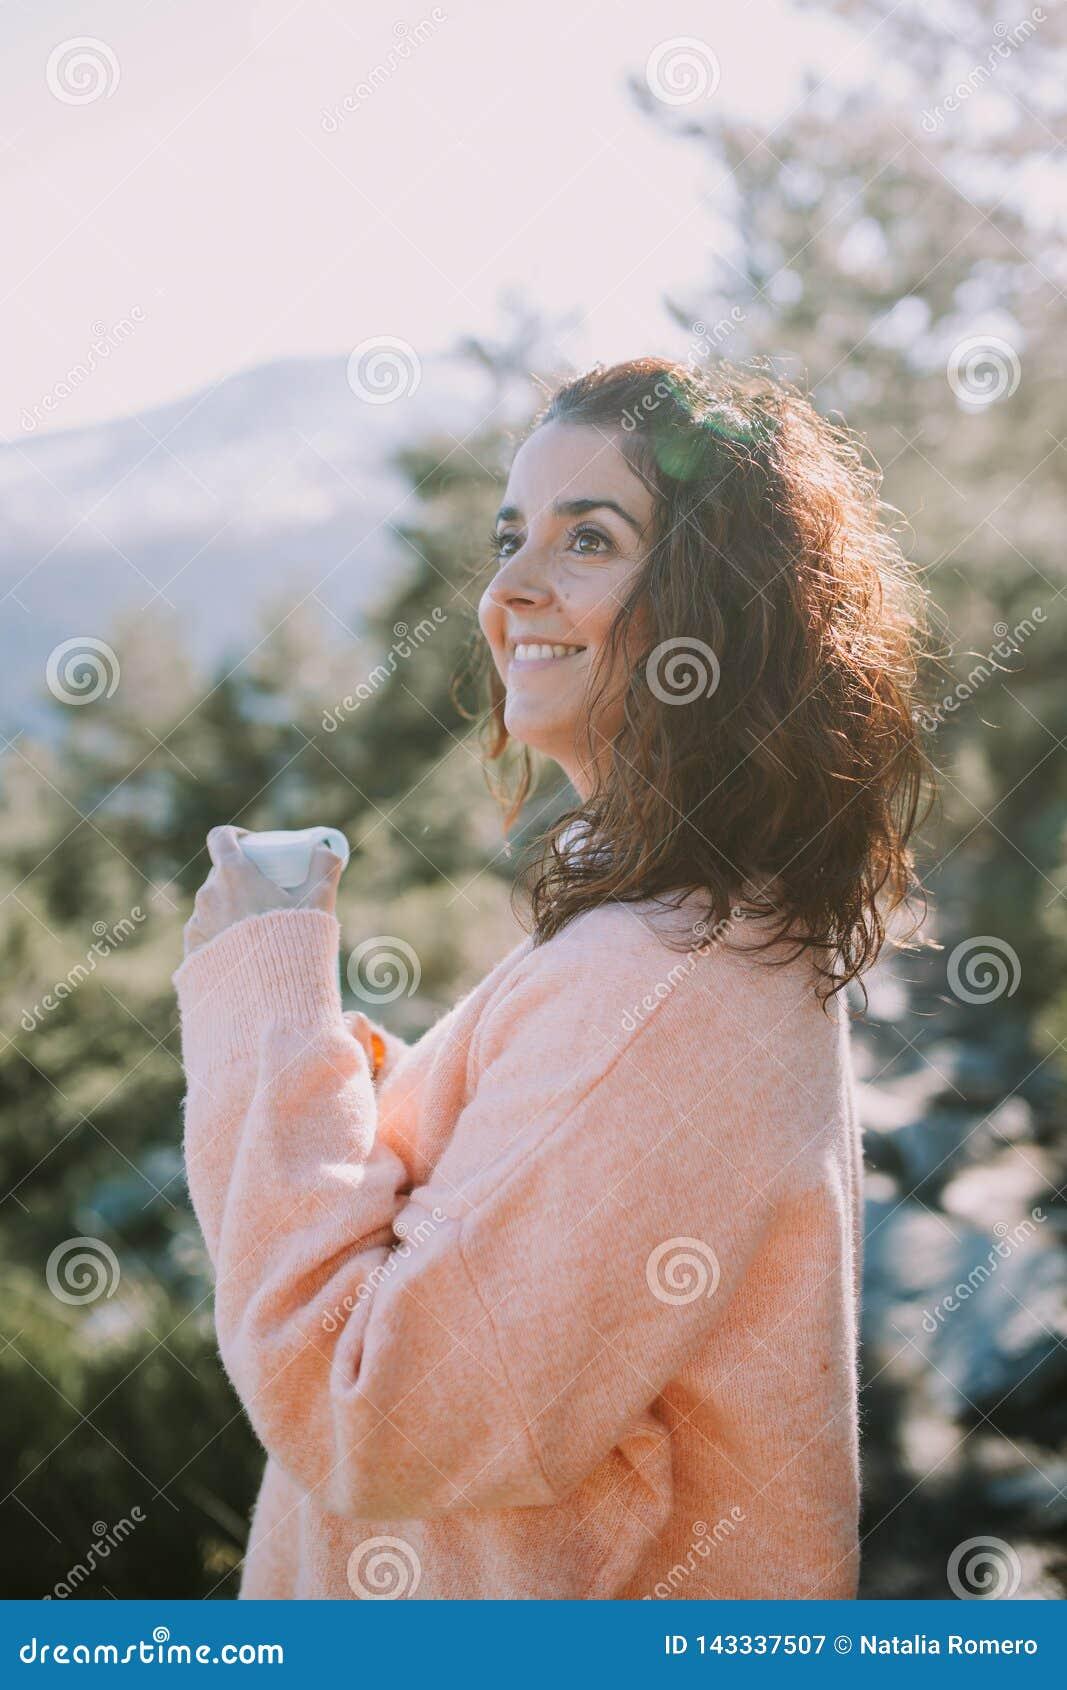 Brunette Mädchenlächeln glücklich, wie sie eine Flasche Wasser und Blicke an der schönen Landschaft vor ihr ergreift